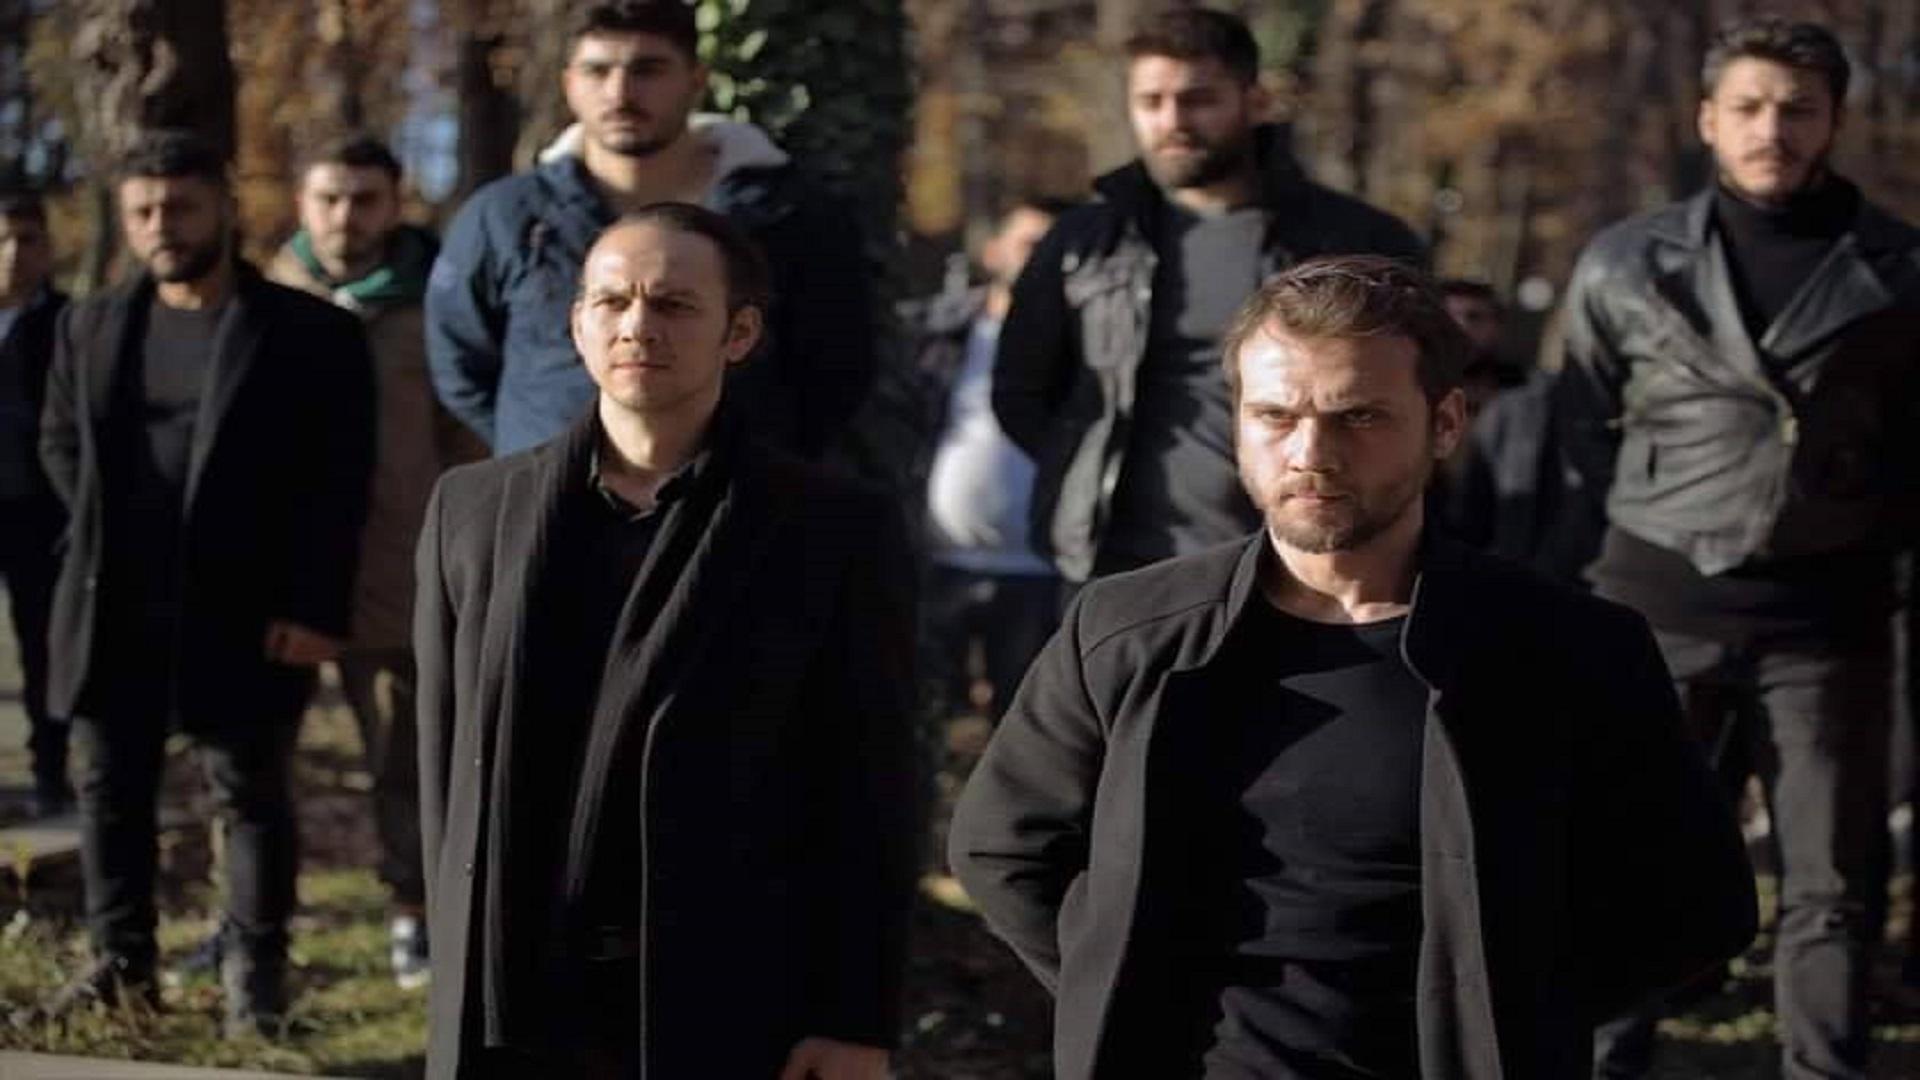 السلطات التركية تفرض عقوبة على مسلسل الحفرة لهذا السبب